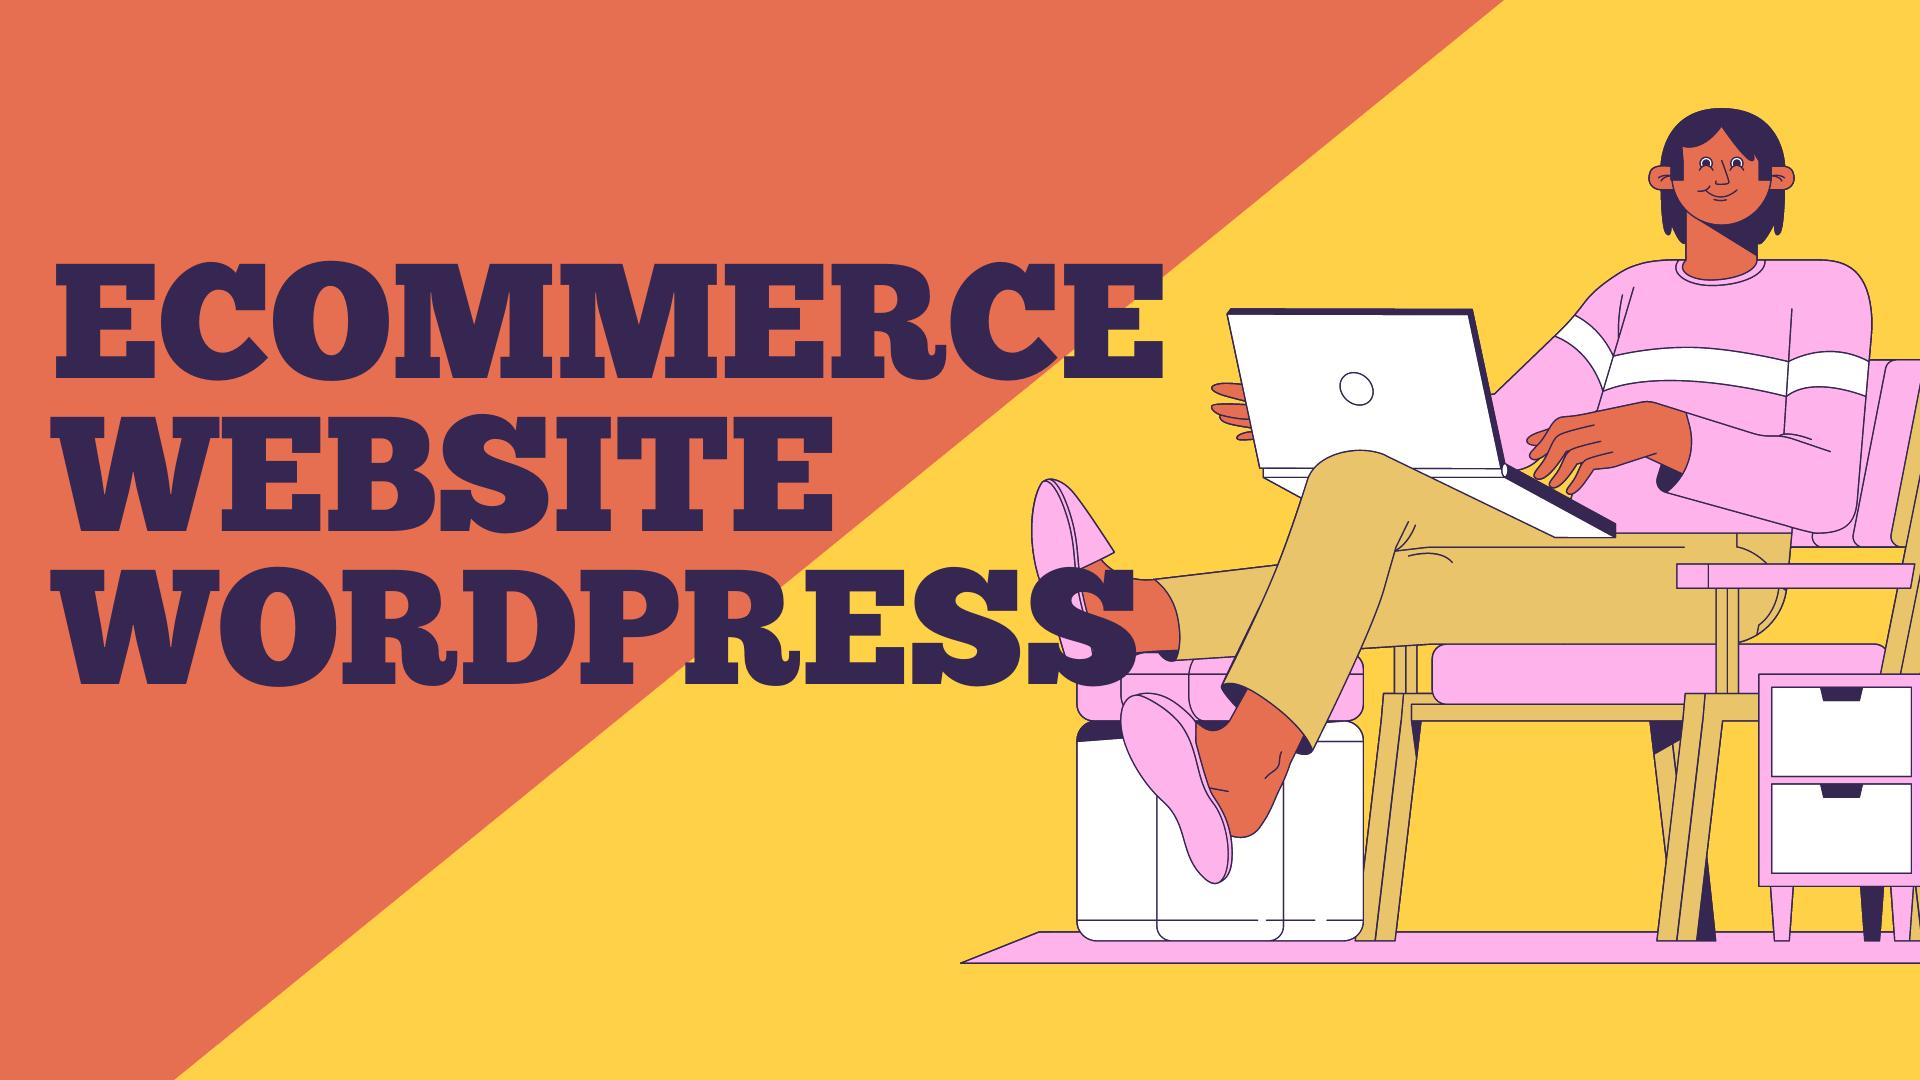 Ecommerce Website In wordpress